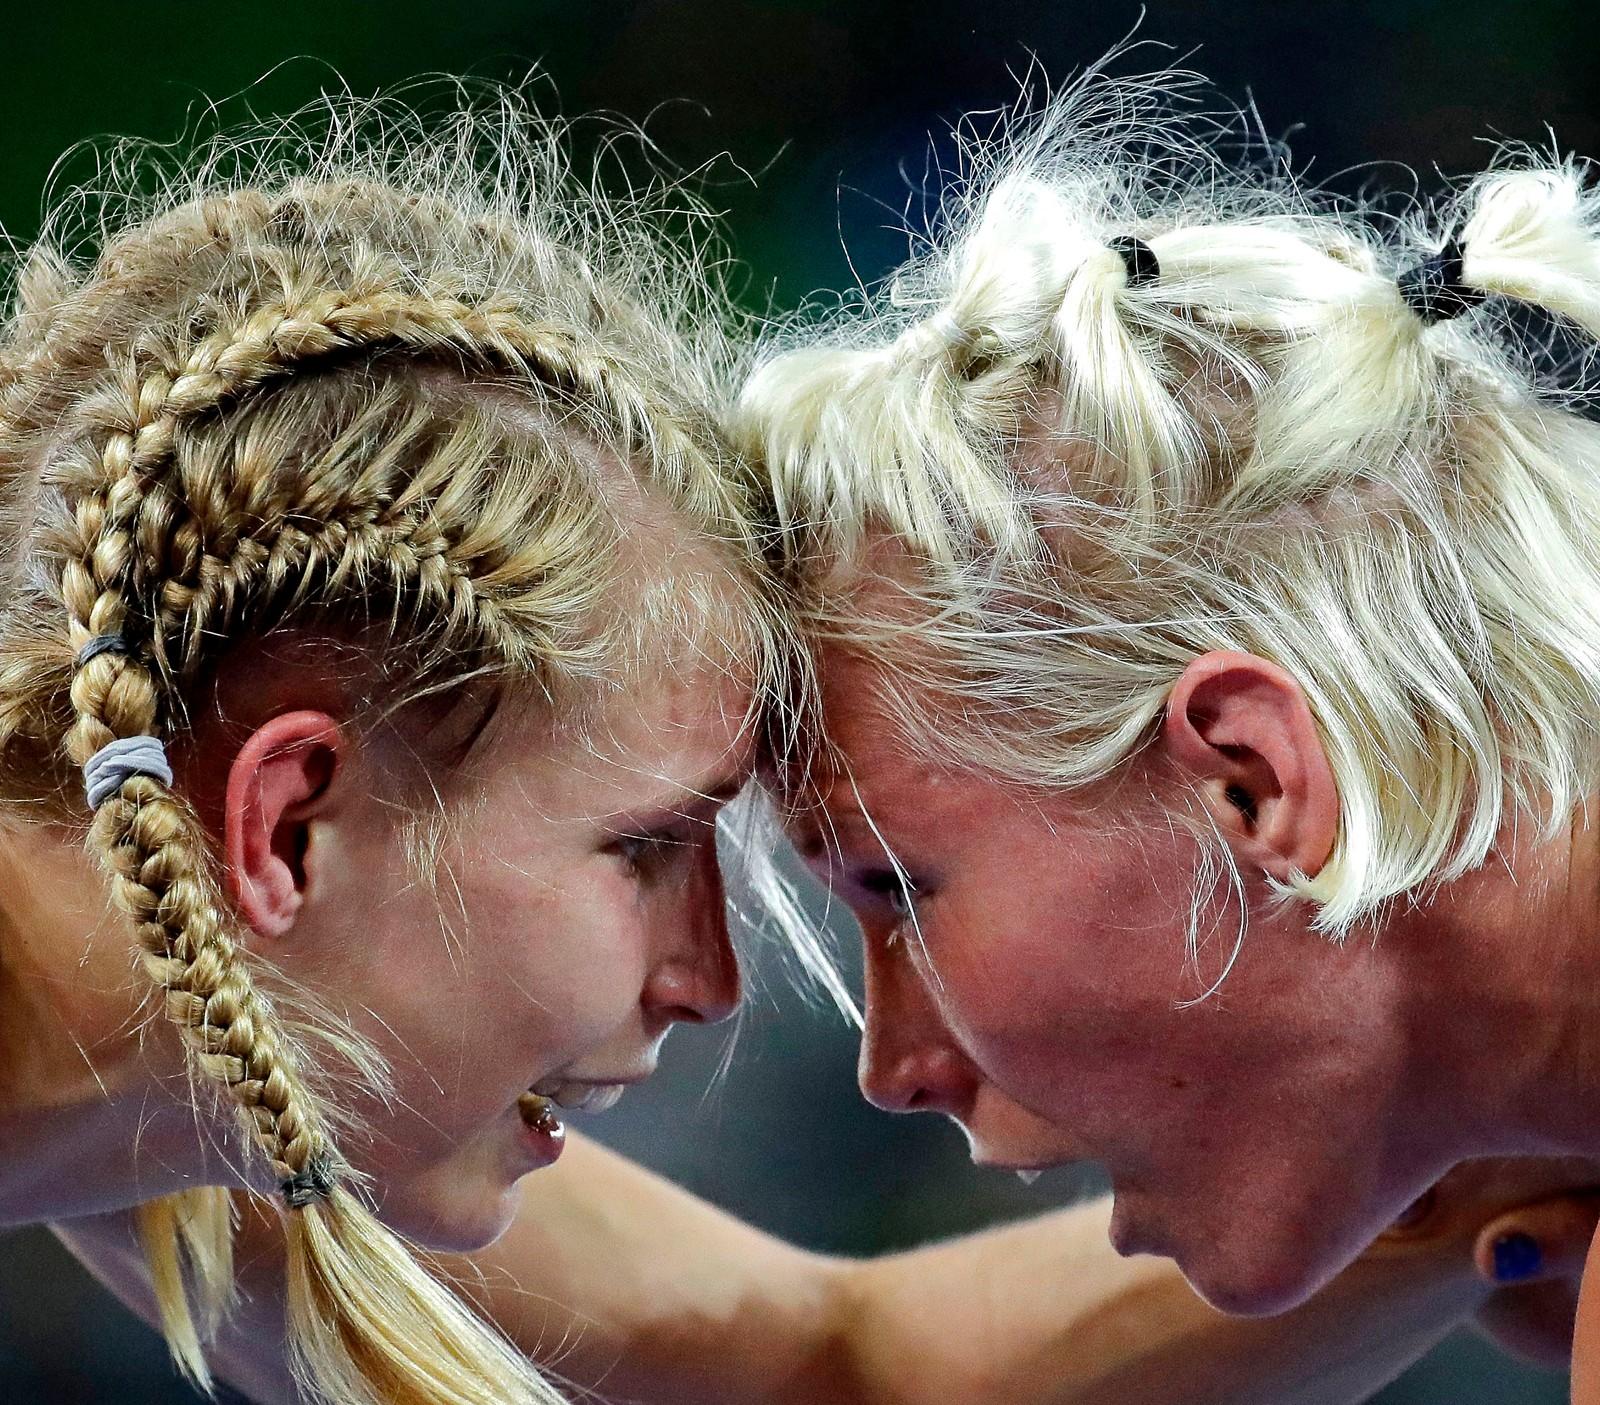 En duell, ansikt til ansikt. Aline Focken fra tyskland (t.v.), og svenske Anna Jenny Fransson har et øyeblikk under brytekampen i 69 kilosklassen i OL i Rio i Brasil den 17. august. Fransson vant kampen og gikk til semifinalen.